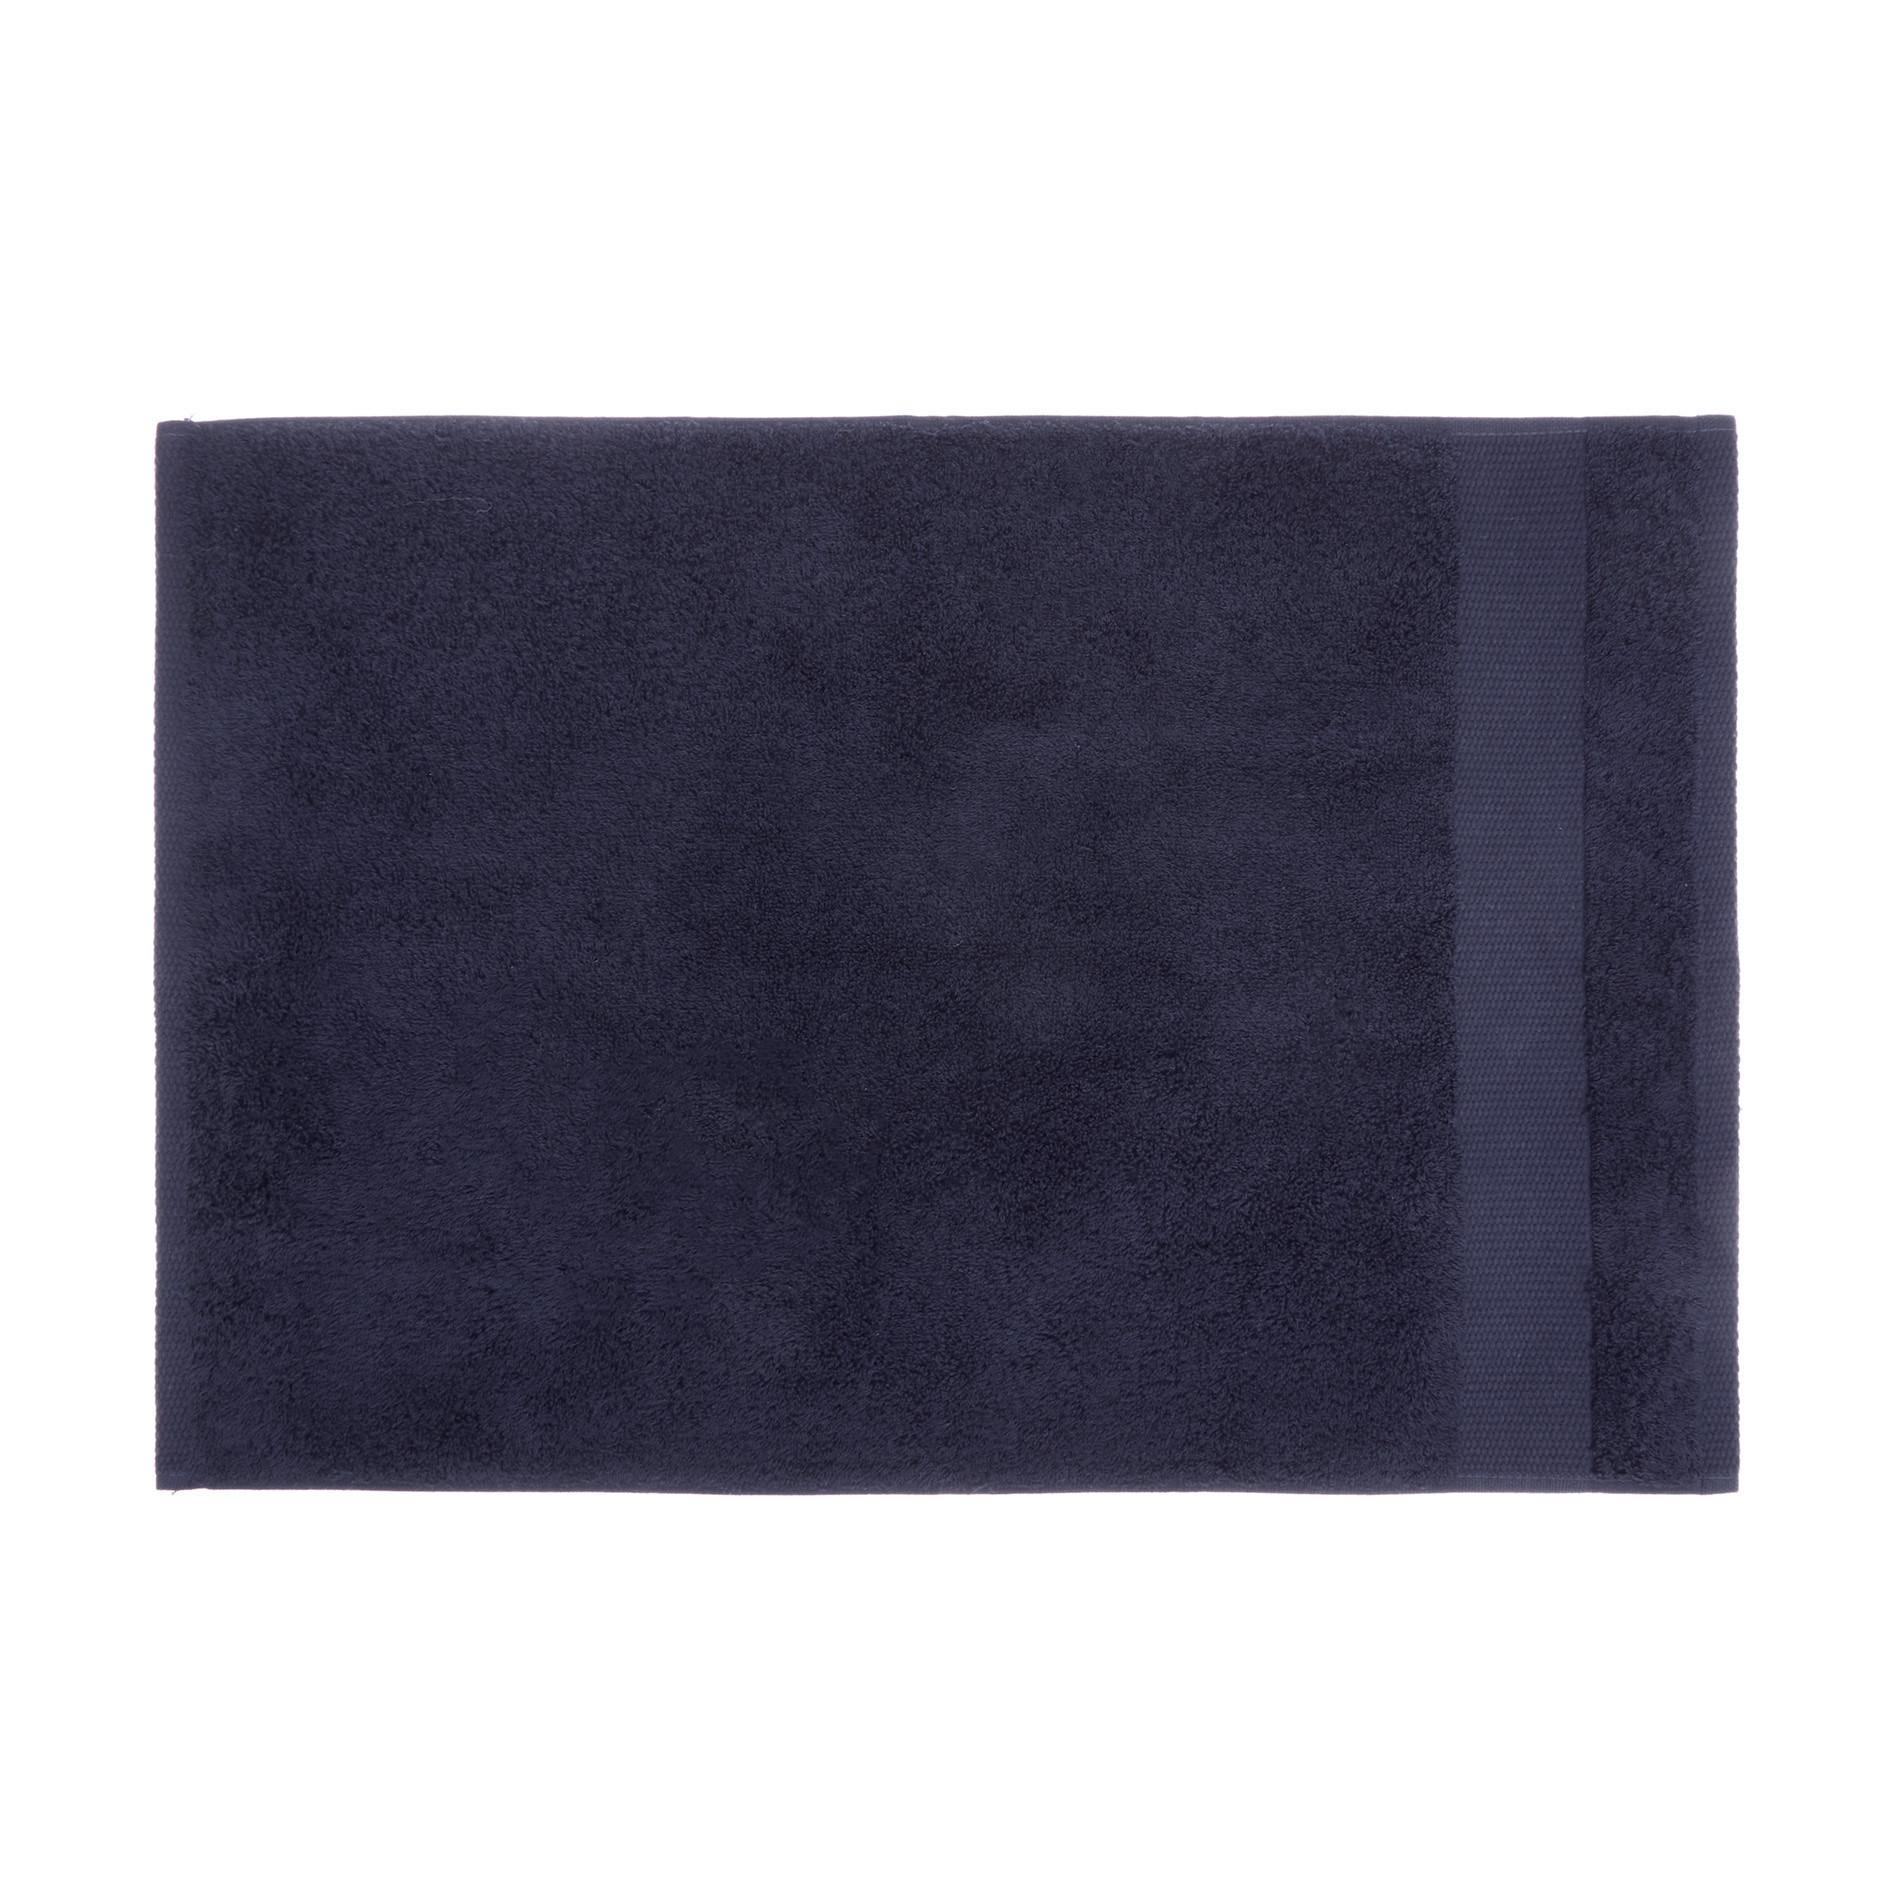 Asciugamano spugna di puro cotone Zefiro, Blu scuro, large image number 2